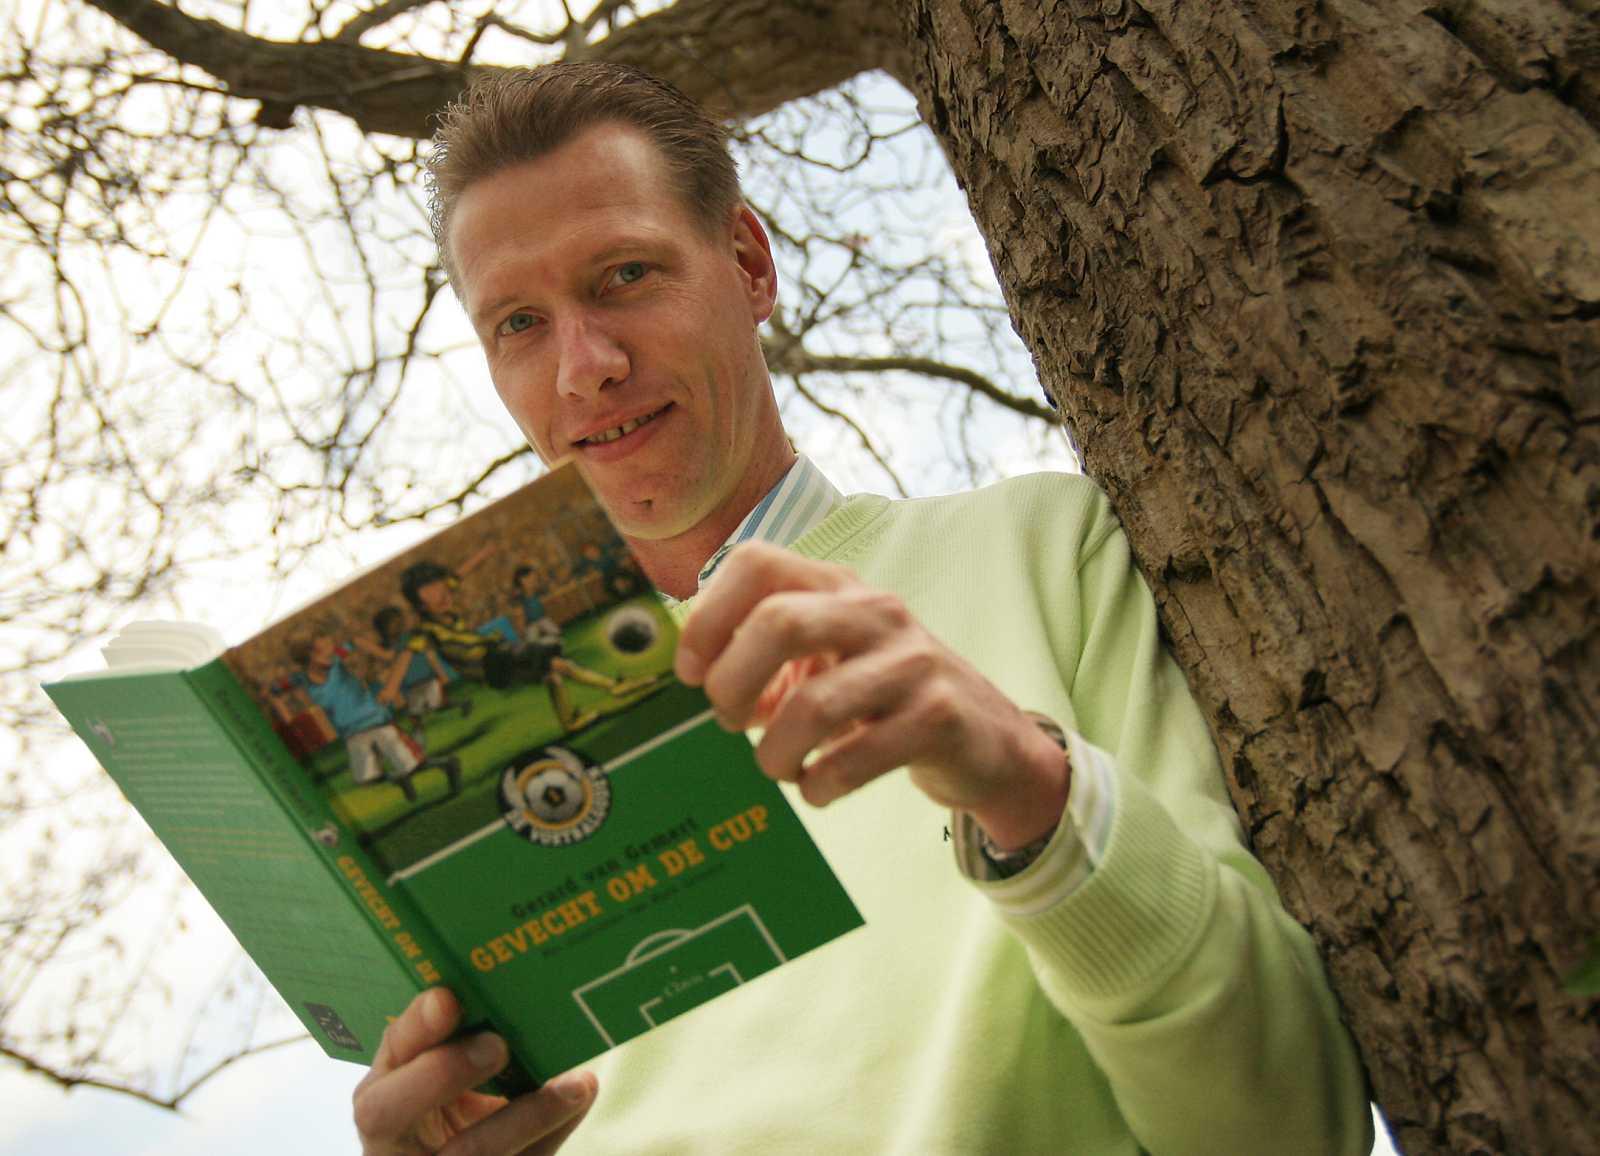 Gerard Van Gemert encuentro digital con el autor de los libros infantiles Futbolmanía